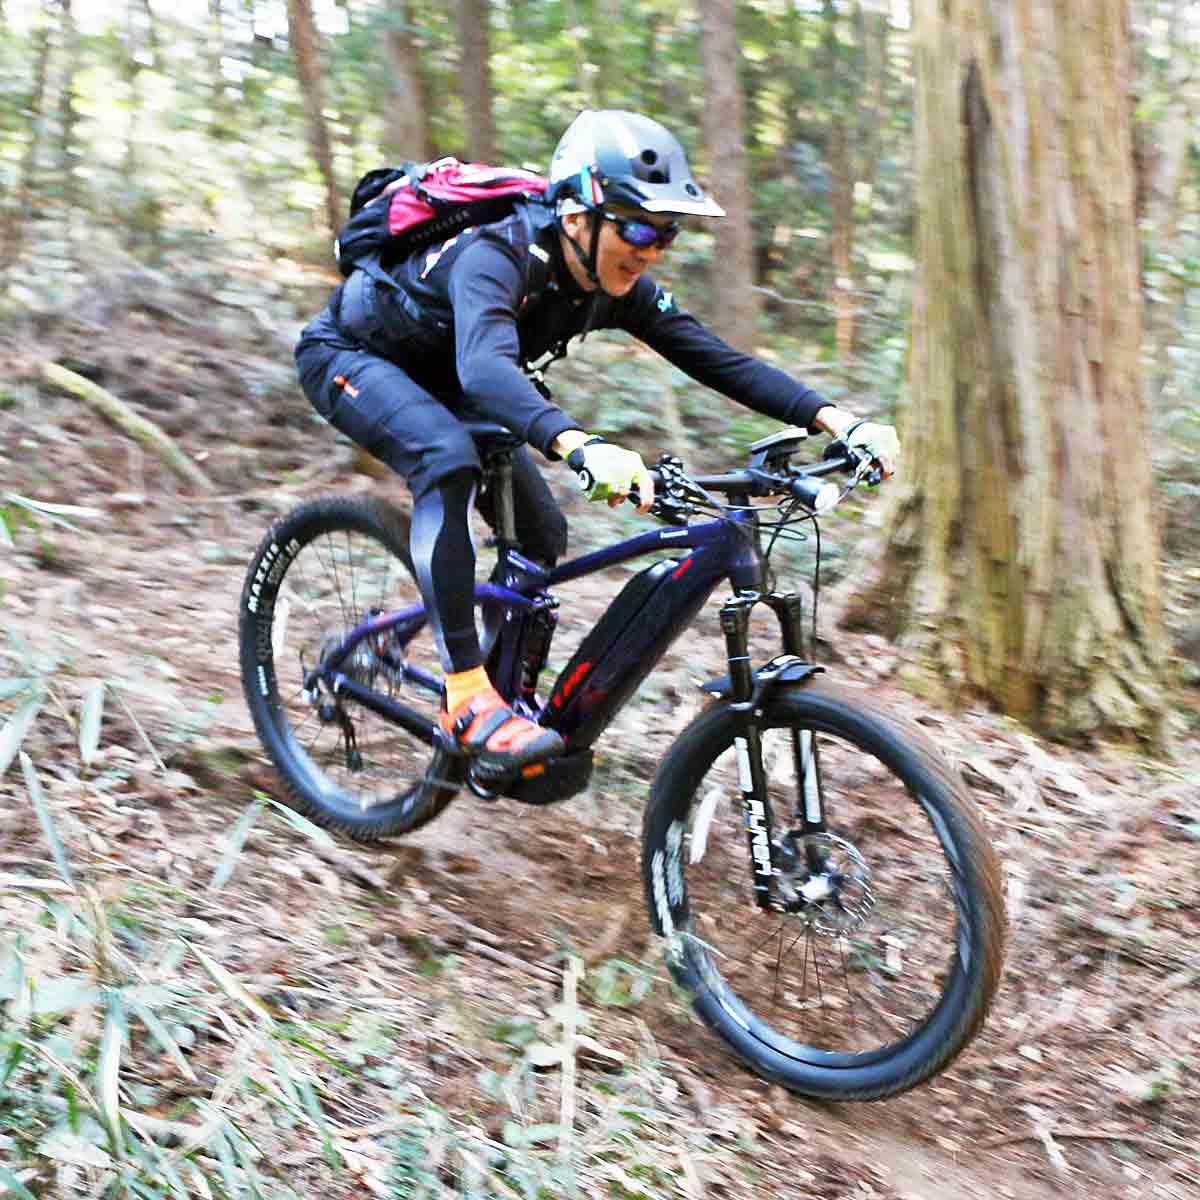 国内唯一のフルサスe-MTB「XM-D2」をガチのマウンテンバイク乗りが山でガチ検証!